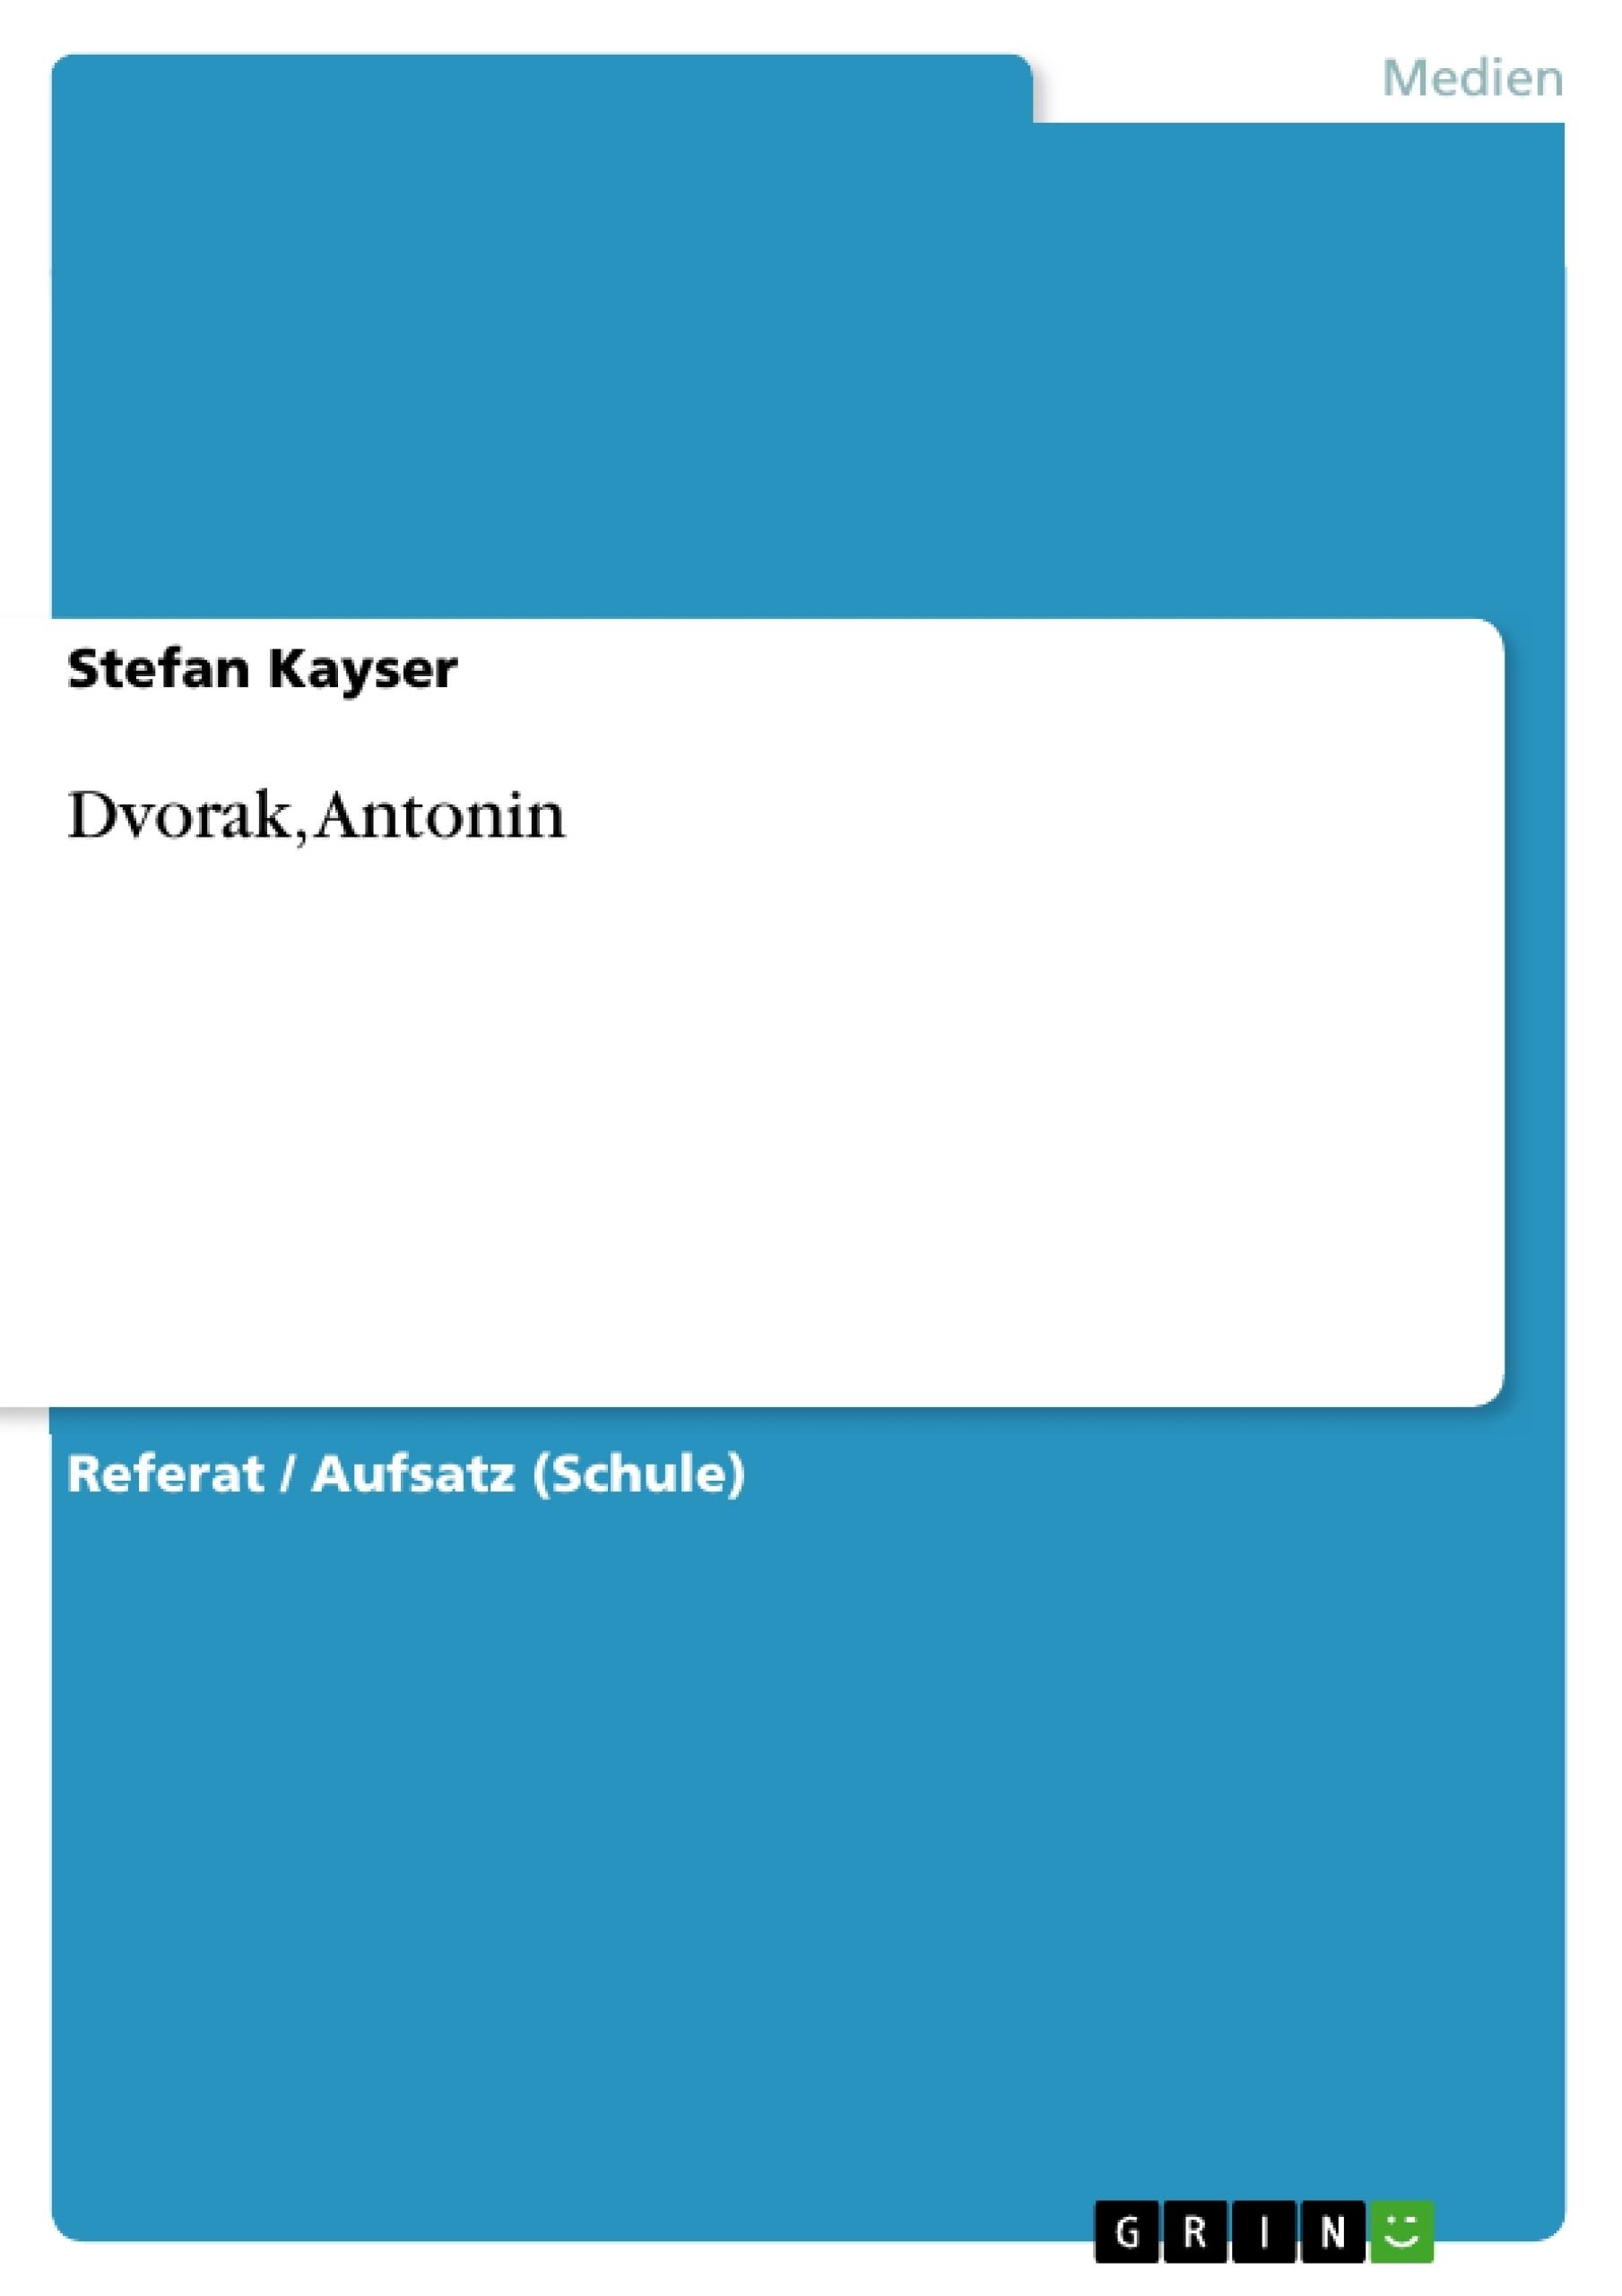 Titel: Dvorak, Antonin